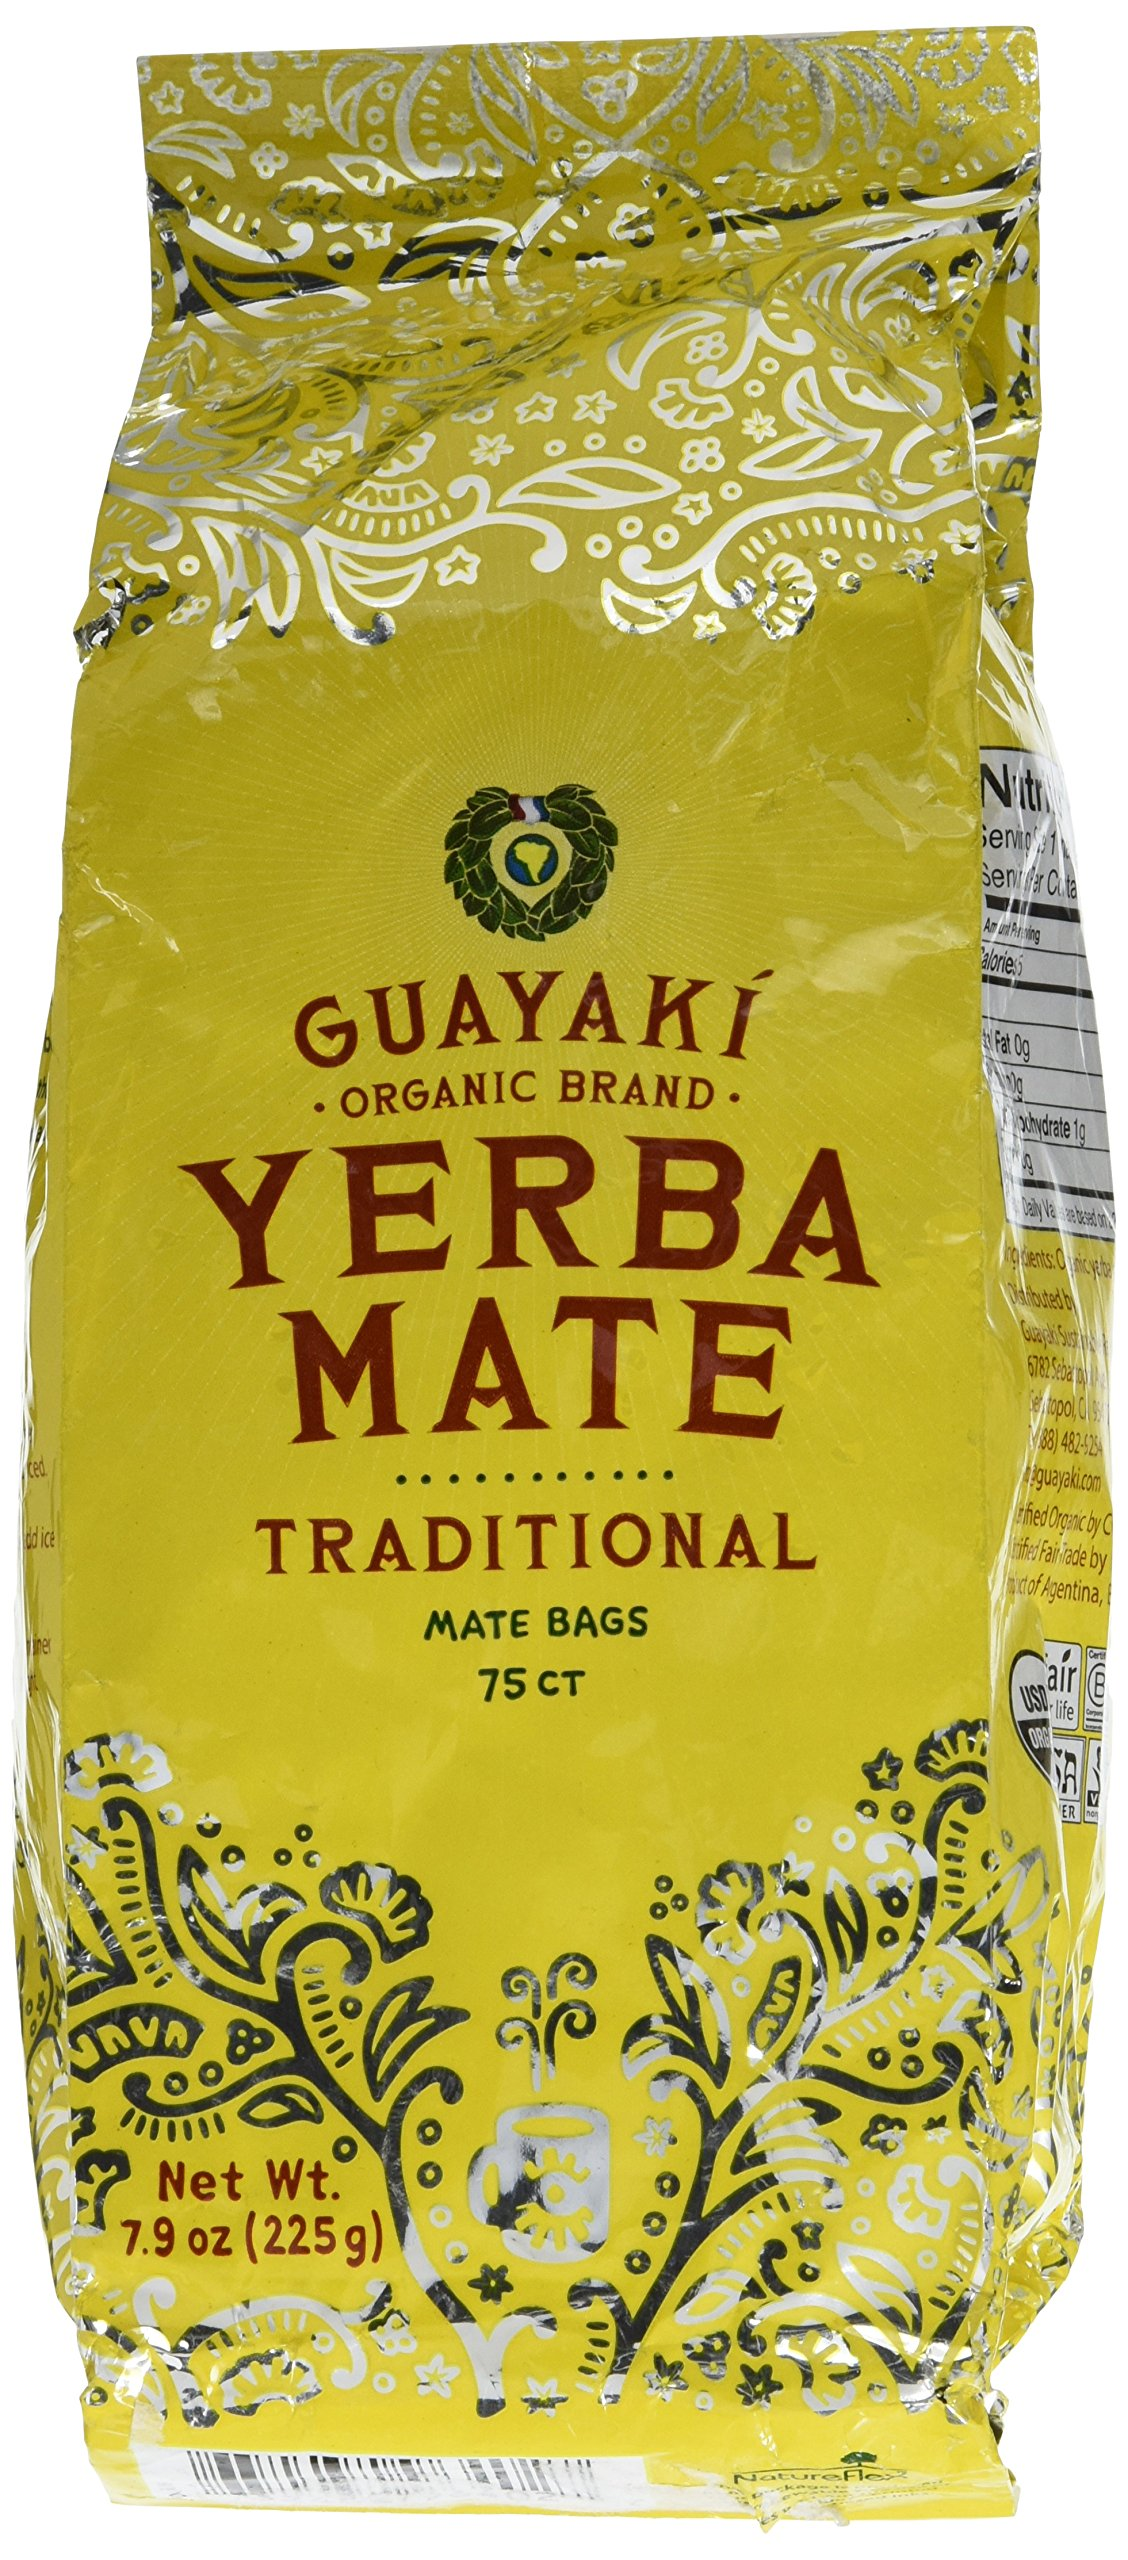 Guayaki Traditional Organic Mate Tea, 7.9oz (225g), 75 Tea Bags (Pack of 2) by GUAYAKI